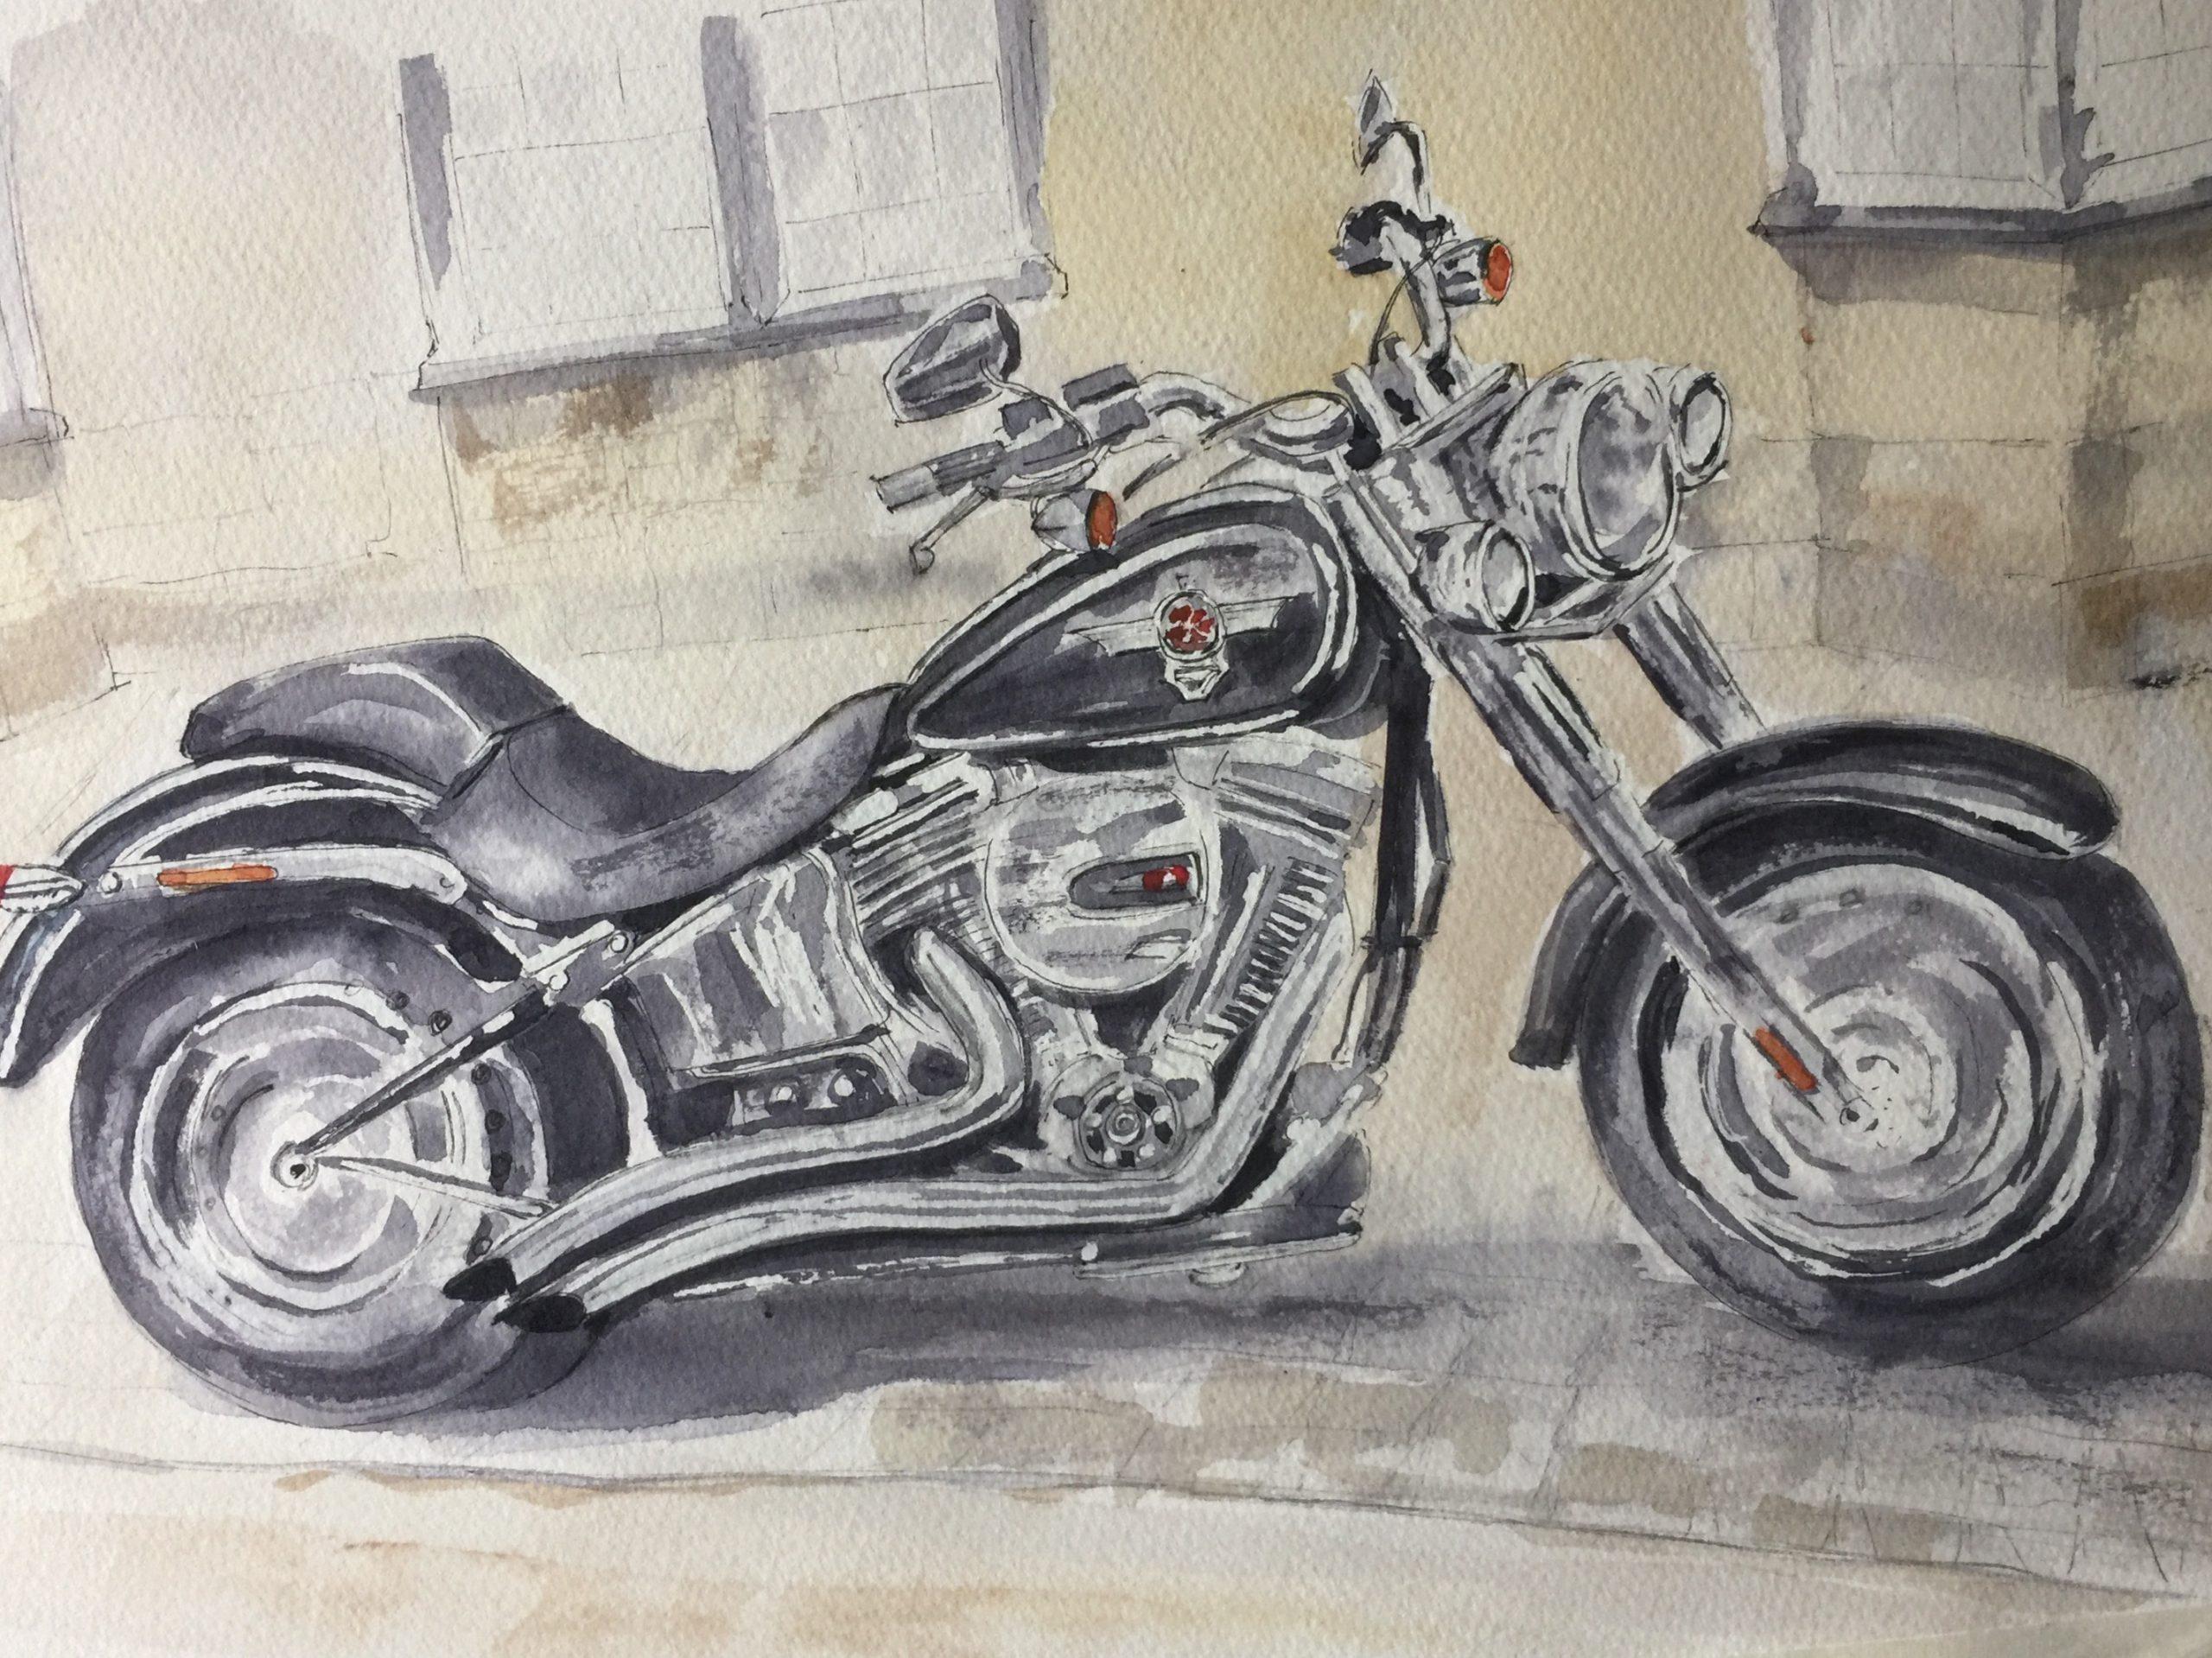 2021-Harley Fat Boy